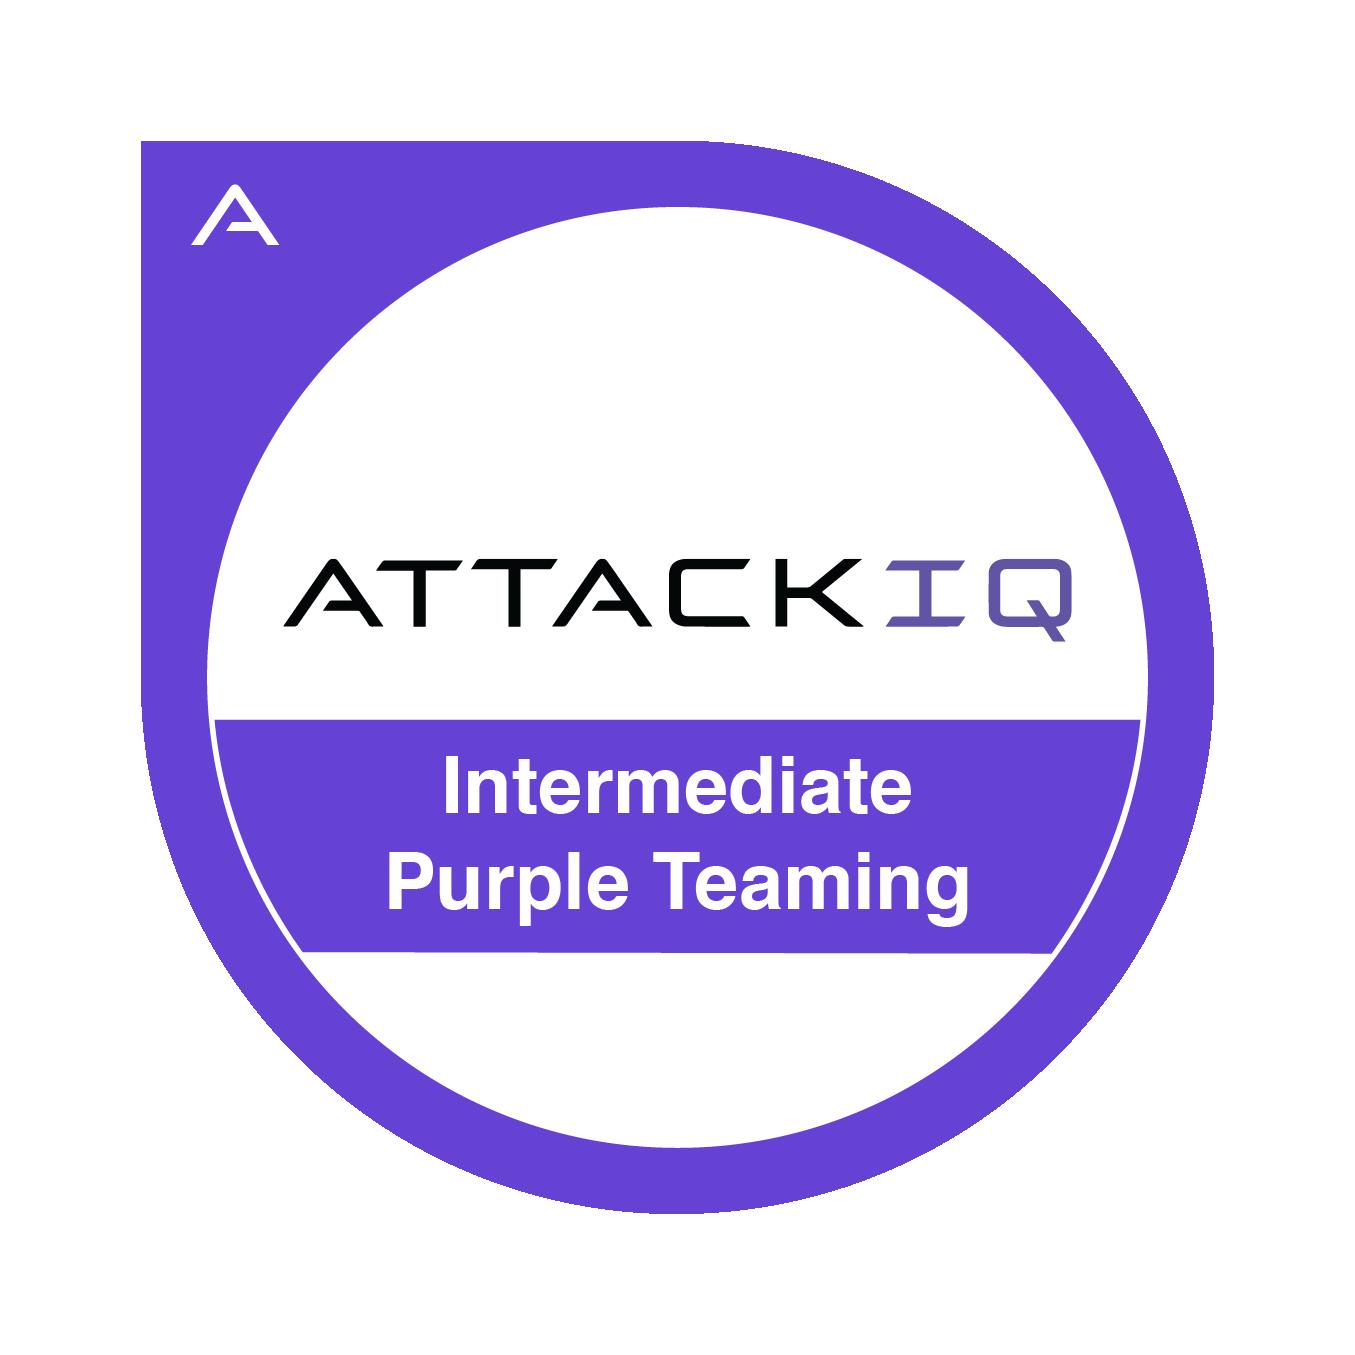 Intermediate Purple Teaming